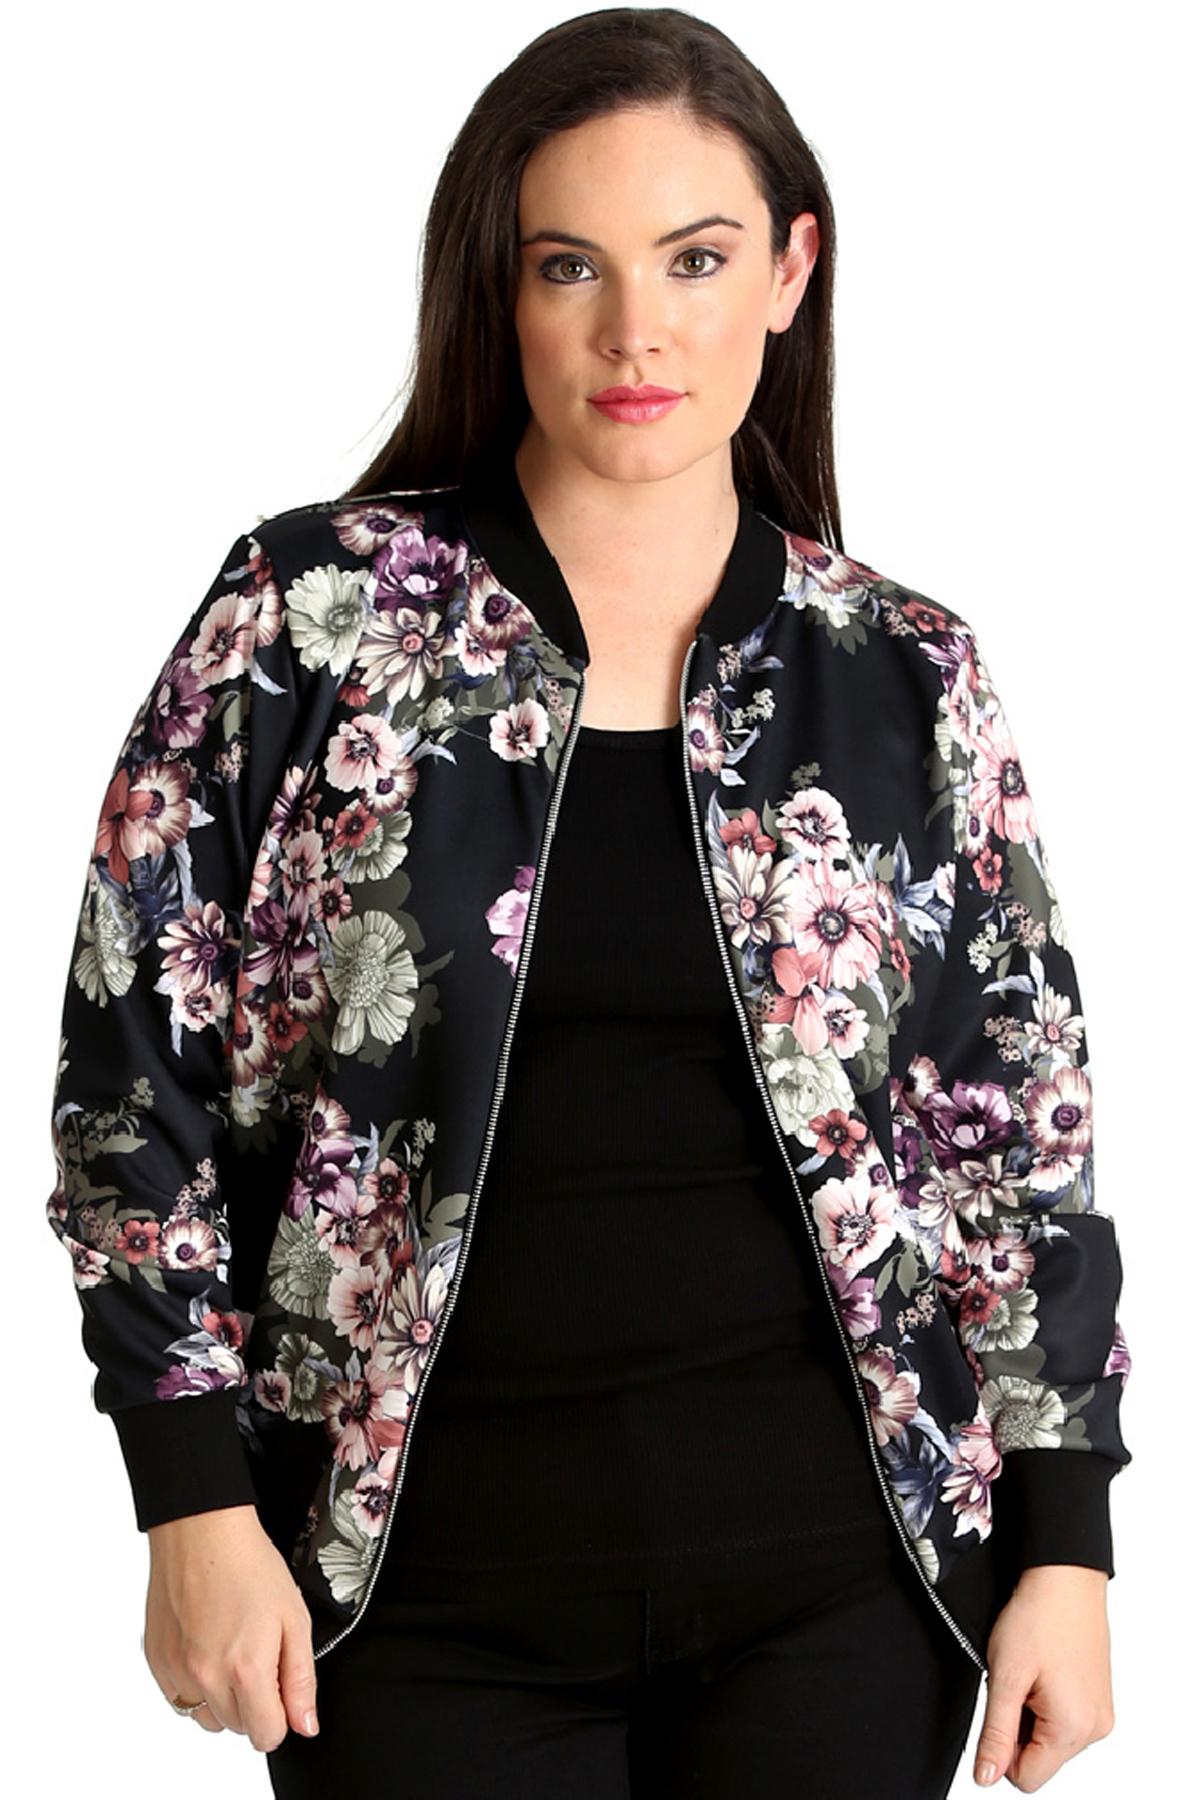 timeless design 6dc12 d7cbe Details zu Neue Frauen Übergröße Bomber Jacke Damen Blumen Druck Dschungel  Stil Qualität